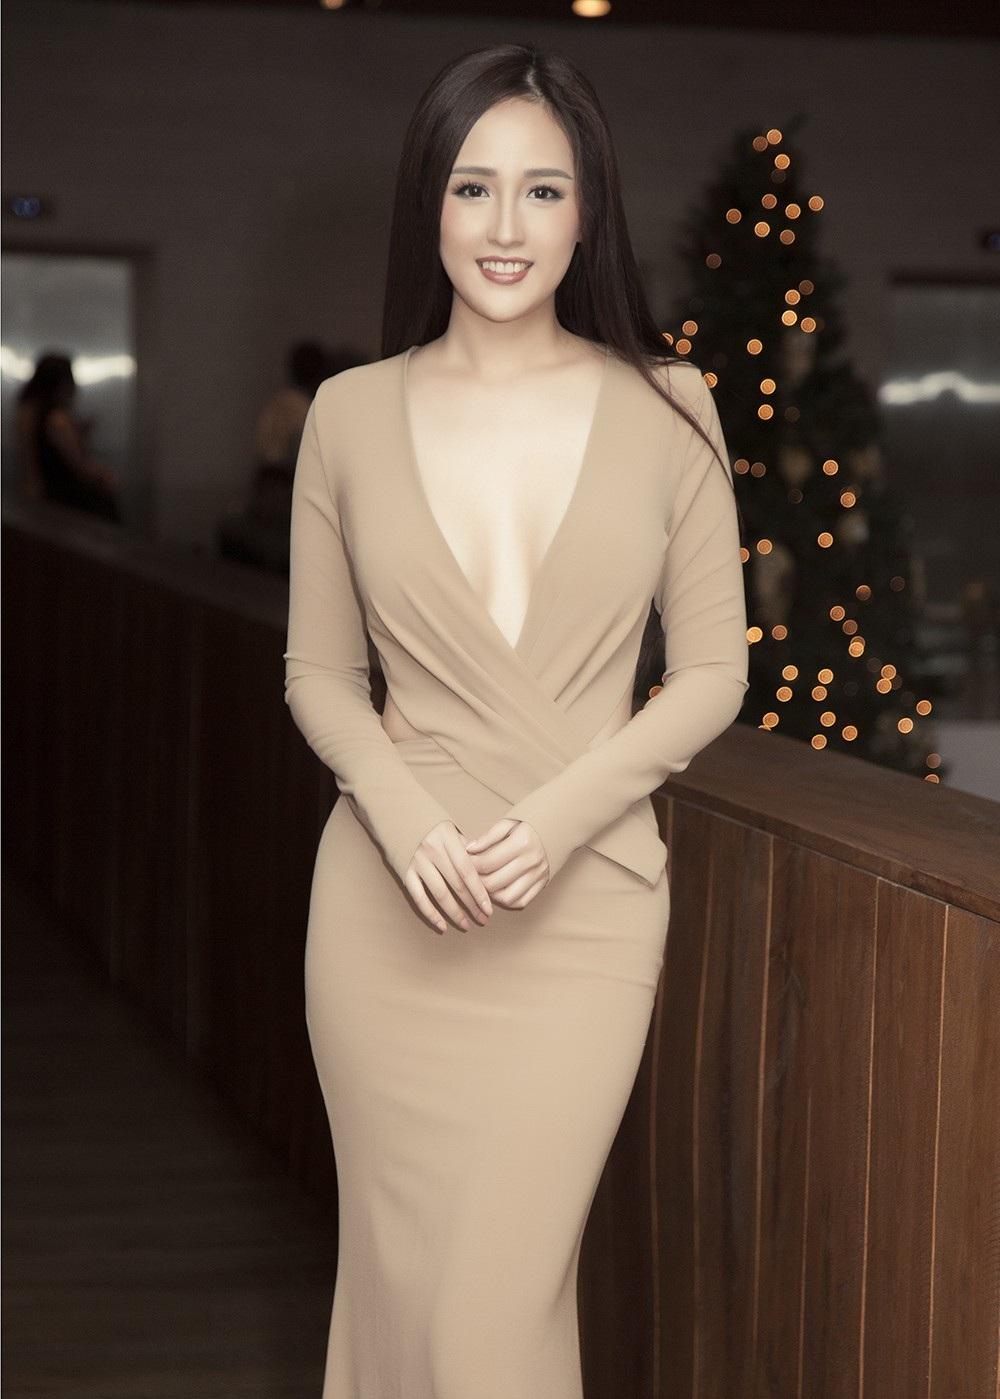 Hoa hậu Mai Phương Thúy thu hút với trang phục cực kỳ táo bạo - Ảnh 6.